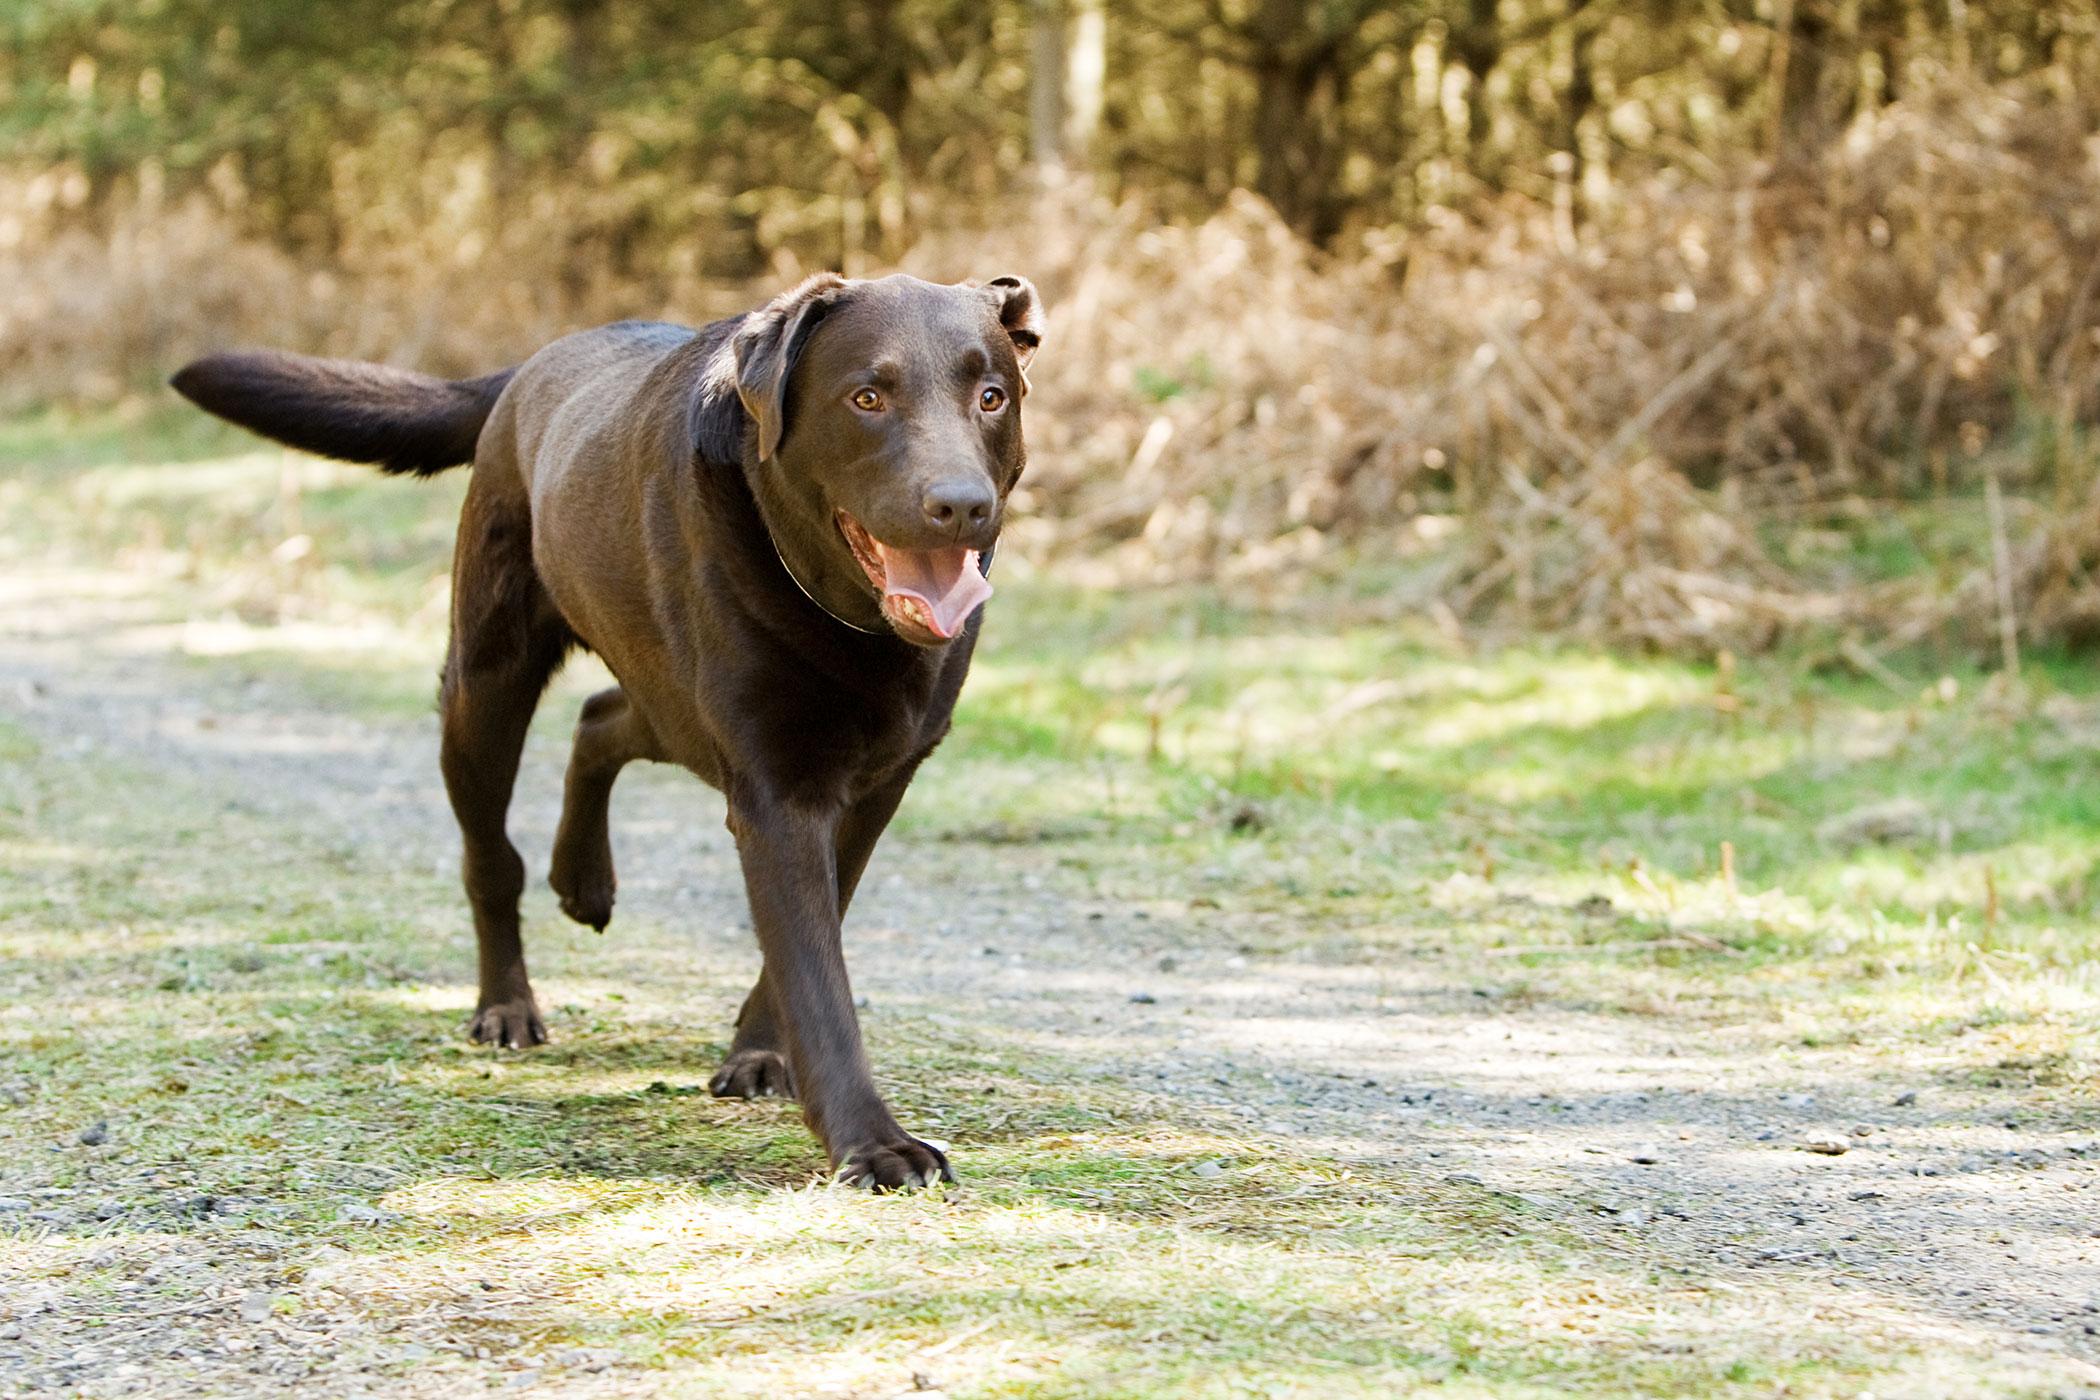 Legg-Calve-Perthes Disease in Dogs